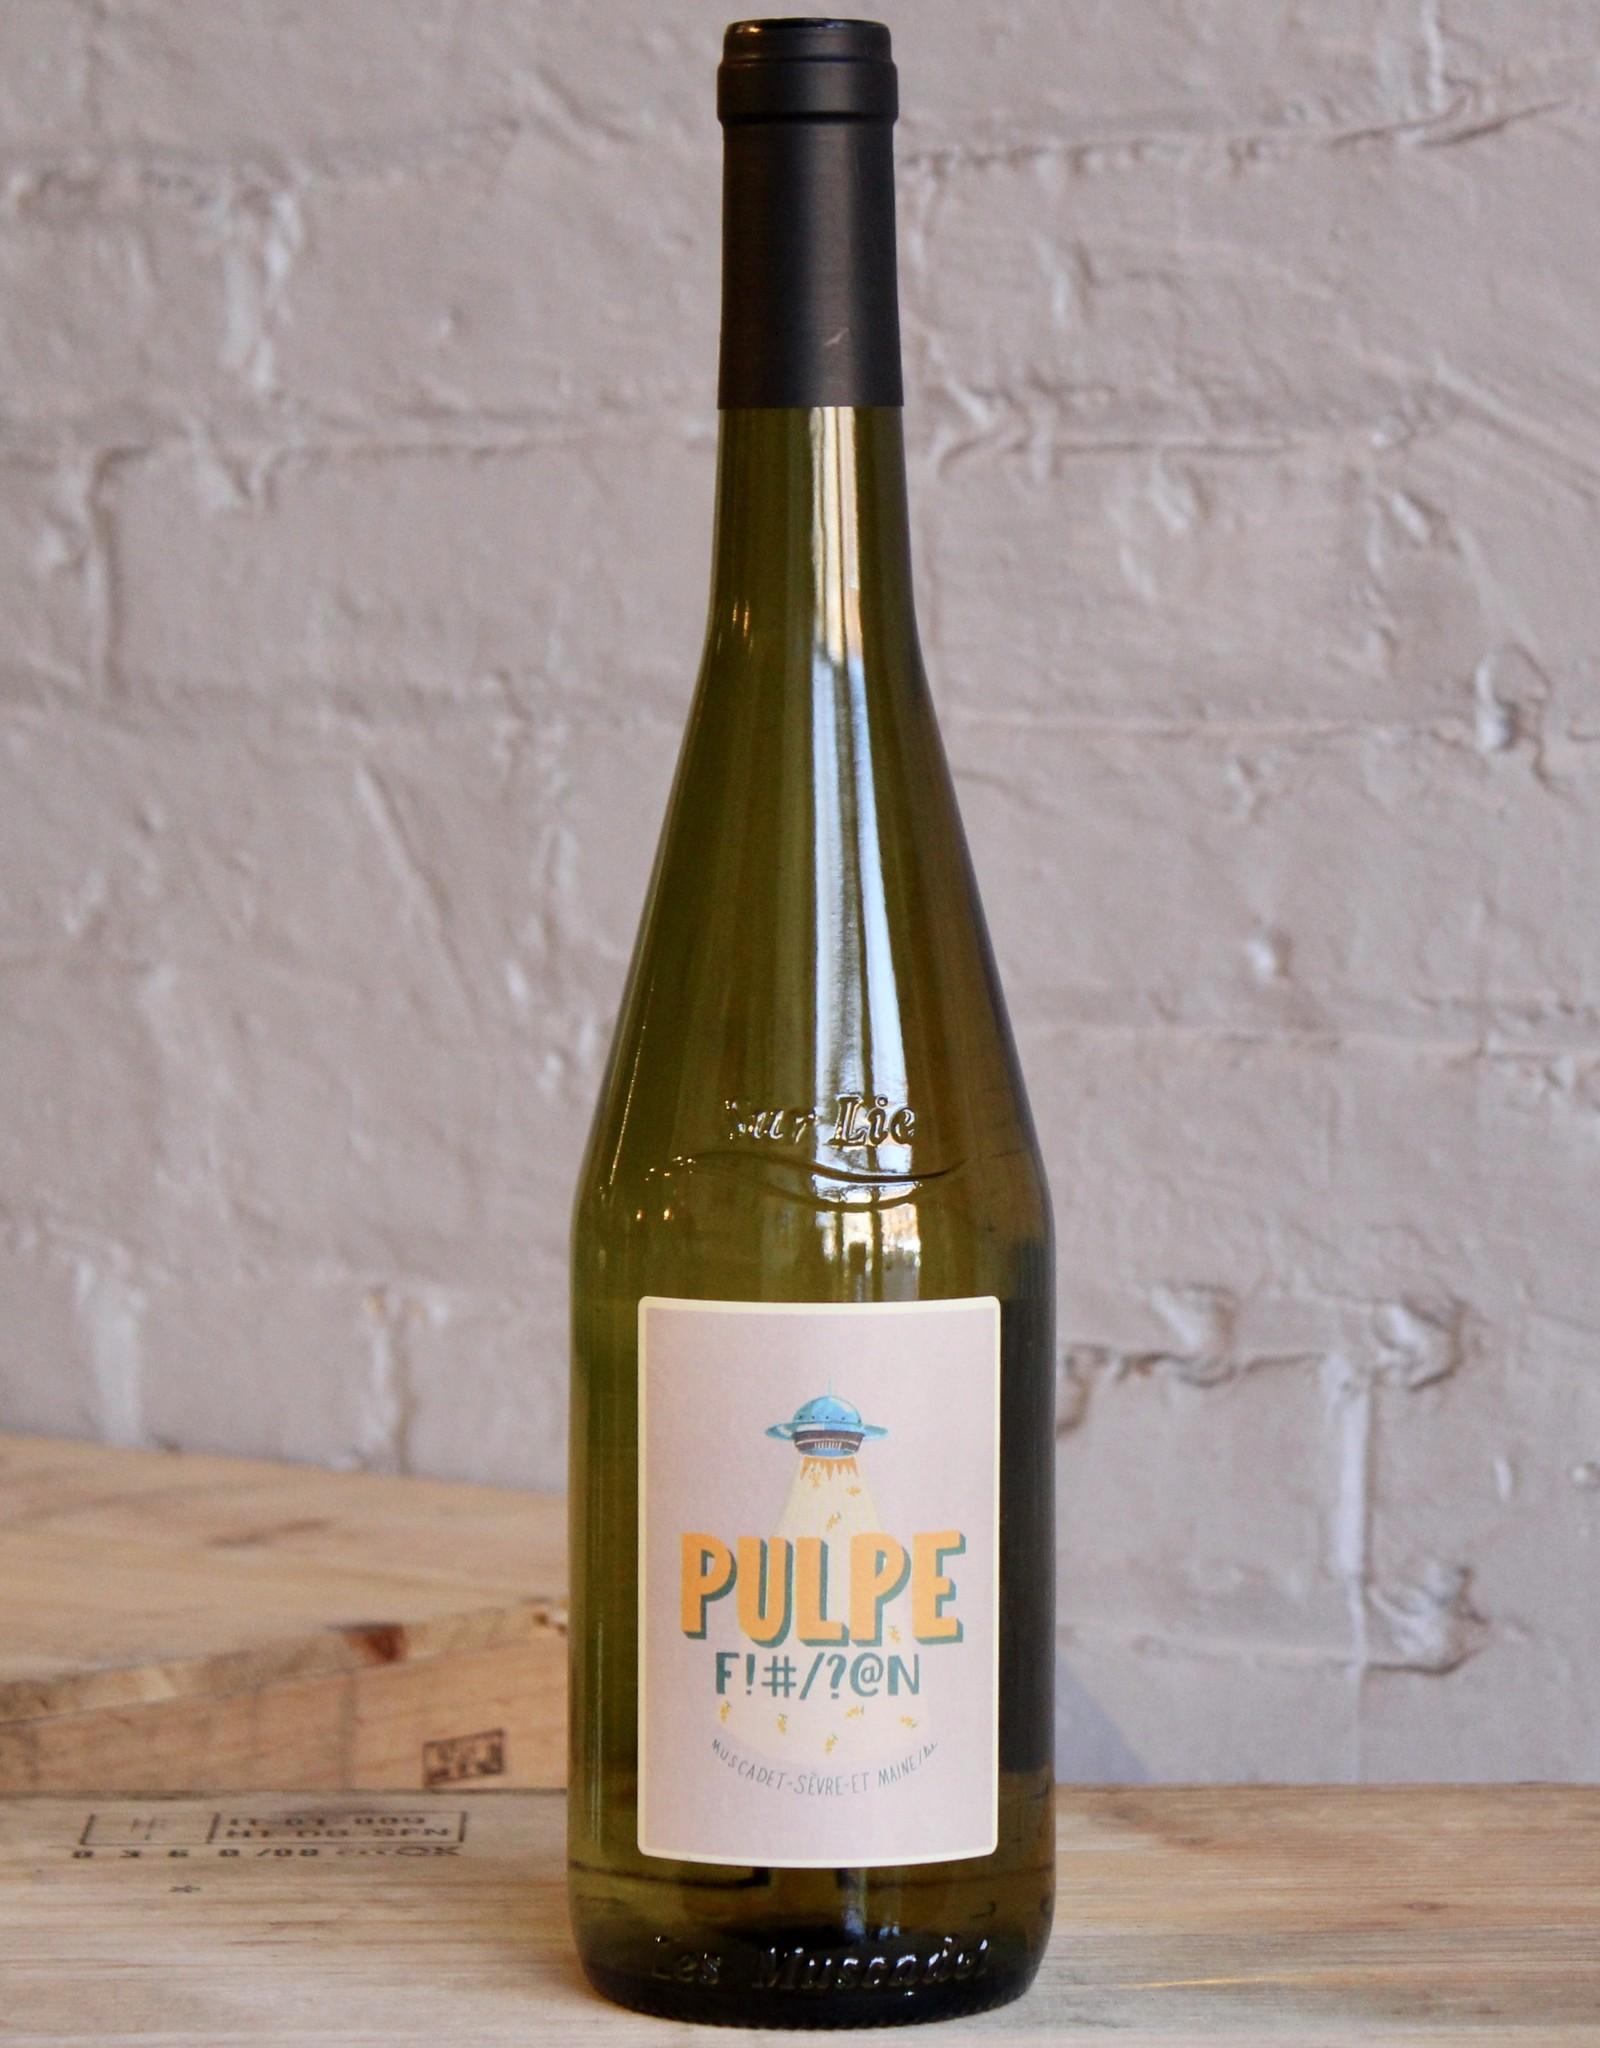 Wine 2019 Pulpe Fiction Muscadet Sèvre-et-Maine Lie - Loire Valley, France (750ml)